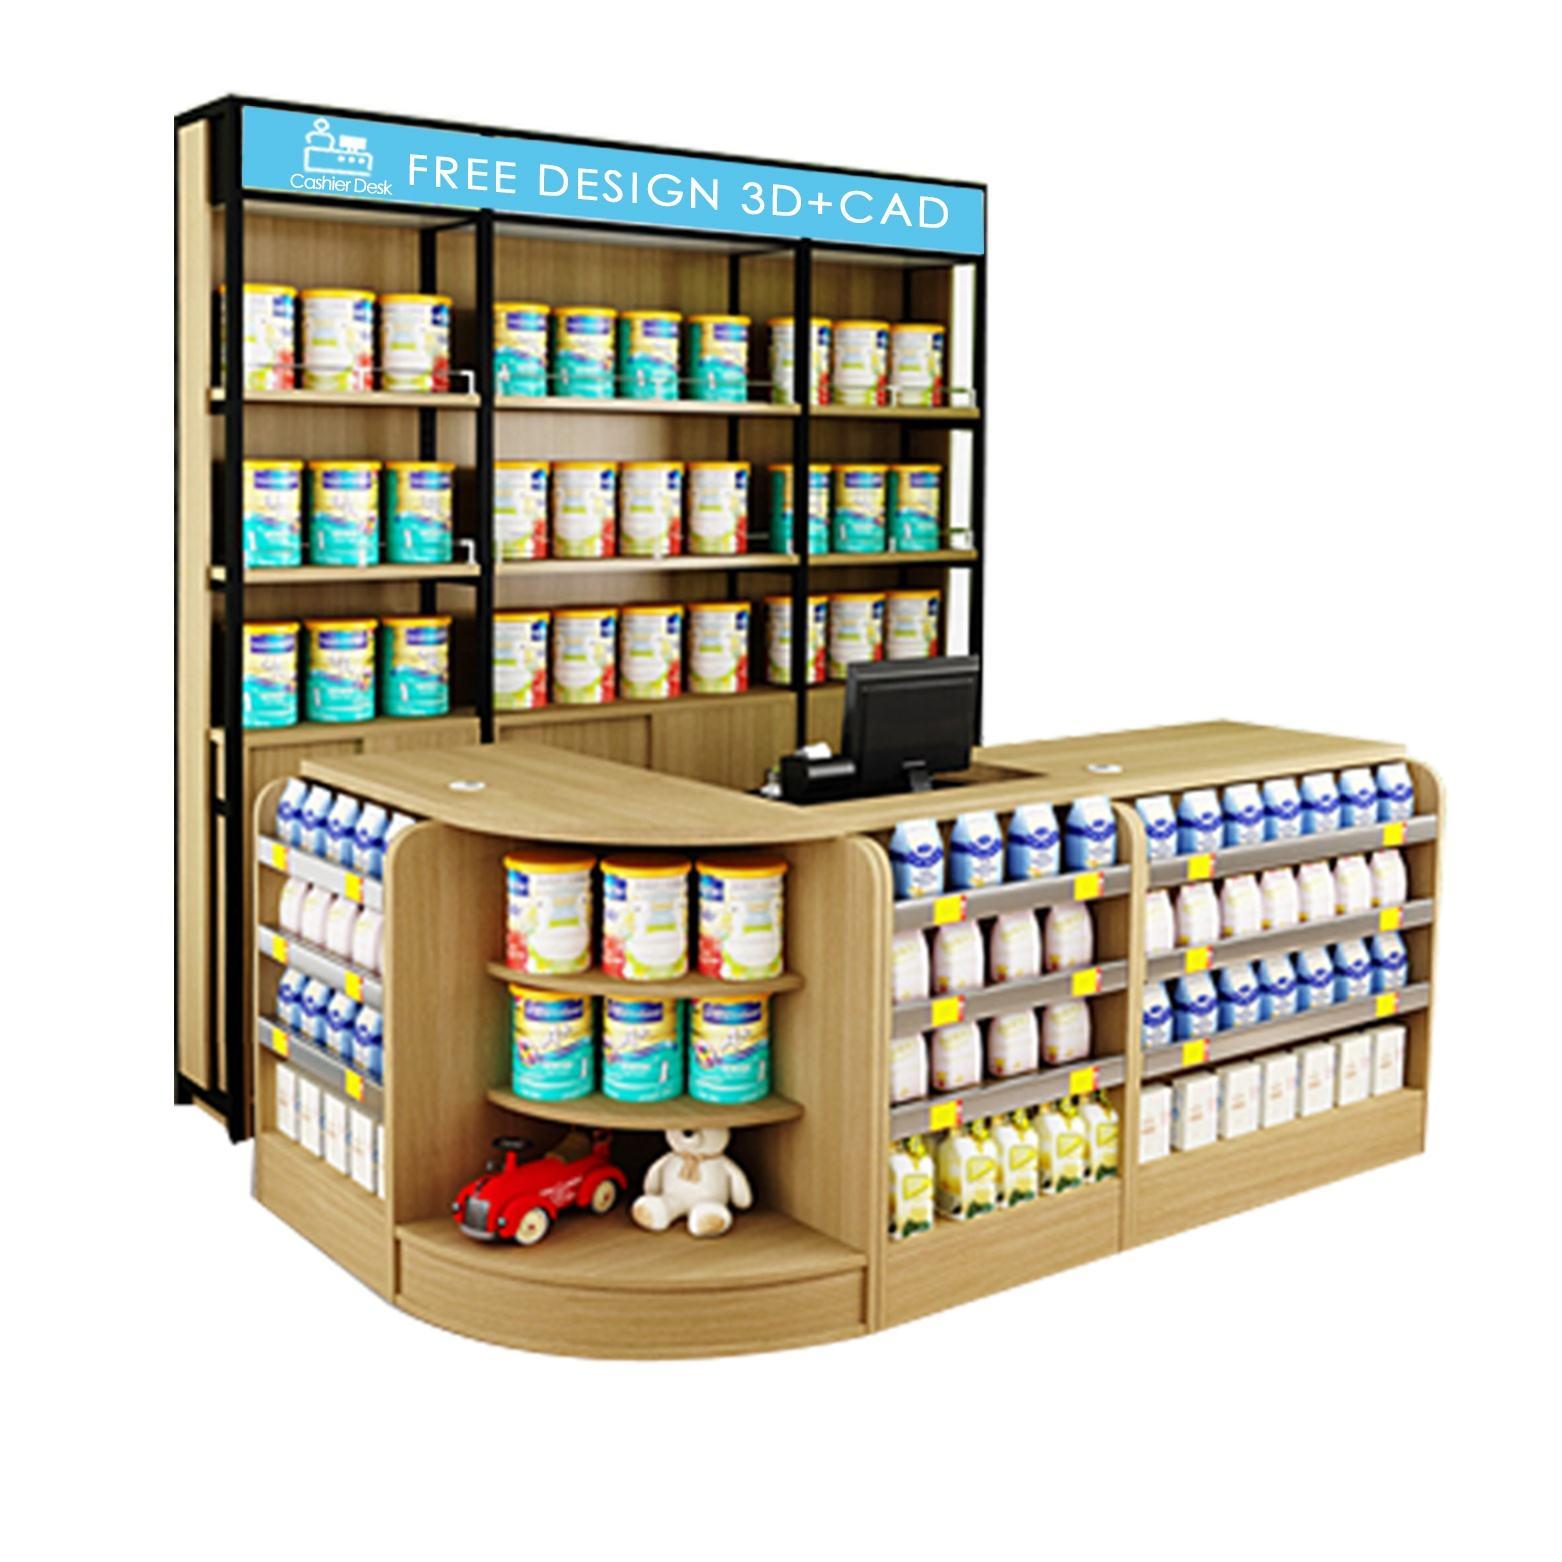 Bois Supermarché Caisse Ordinateur Caisse Protection Pare-Haleine Au Dépanneur Protecteur Comptoir de Caisse Pour Magasin Type